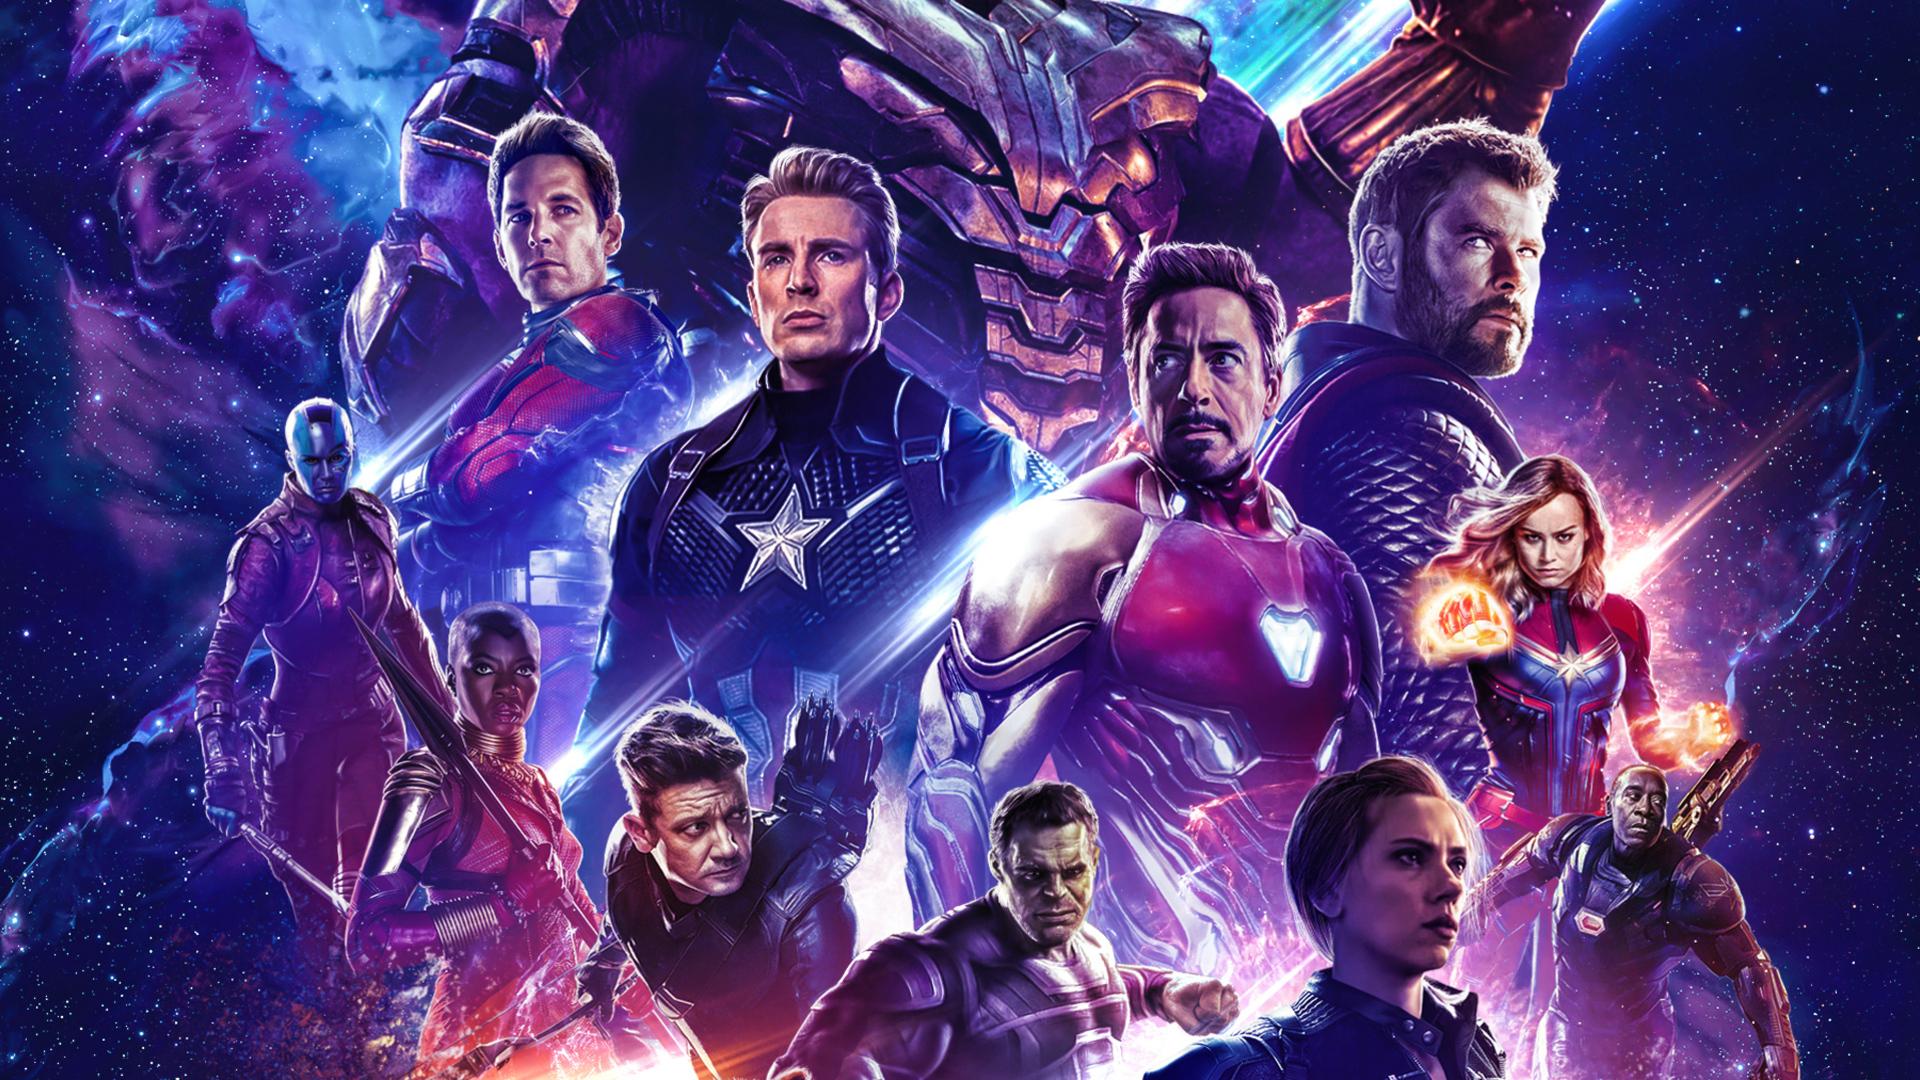 Movie Poster 2019: 1920x1080 Poster Avengers Endgame 2019 Laptop Full HD